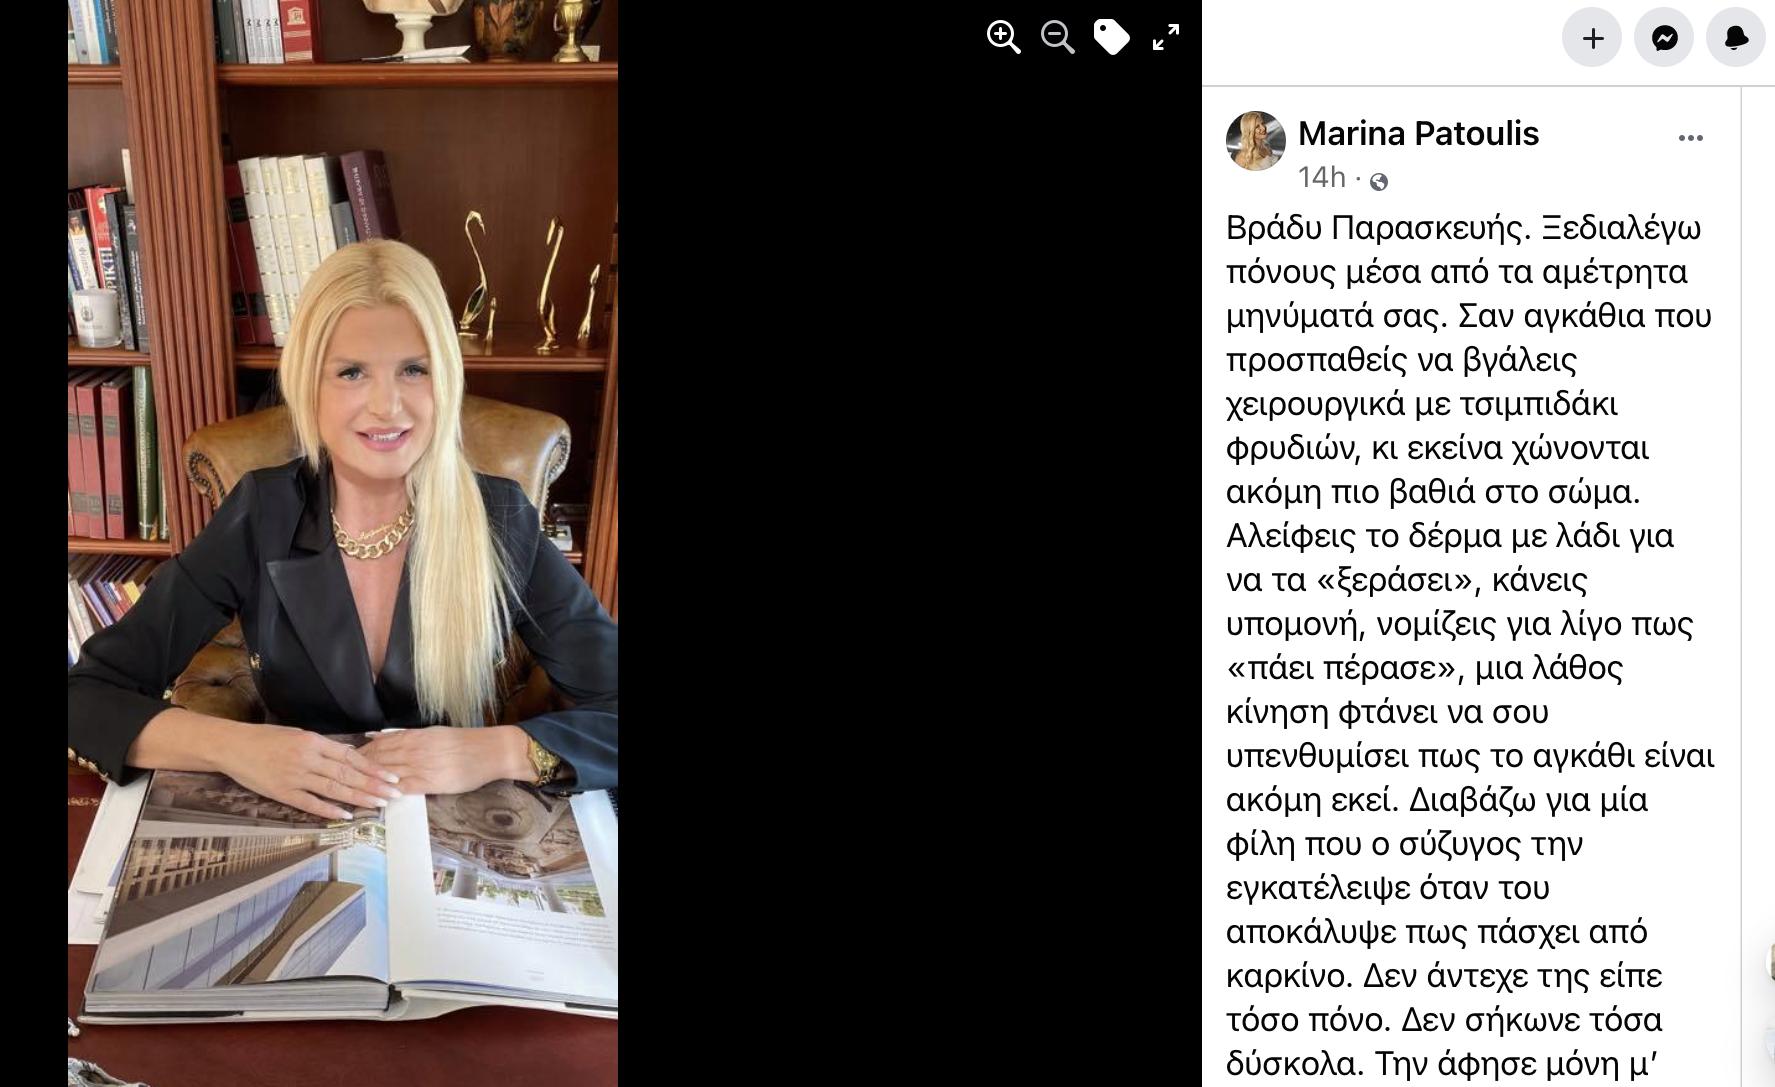 Μαρίνα Πατούλη: Νέα ανάρτηση - φωτιά μετά τον χωρισμό της από τον Περιφερειάρχη Αττικής (Pic)